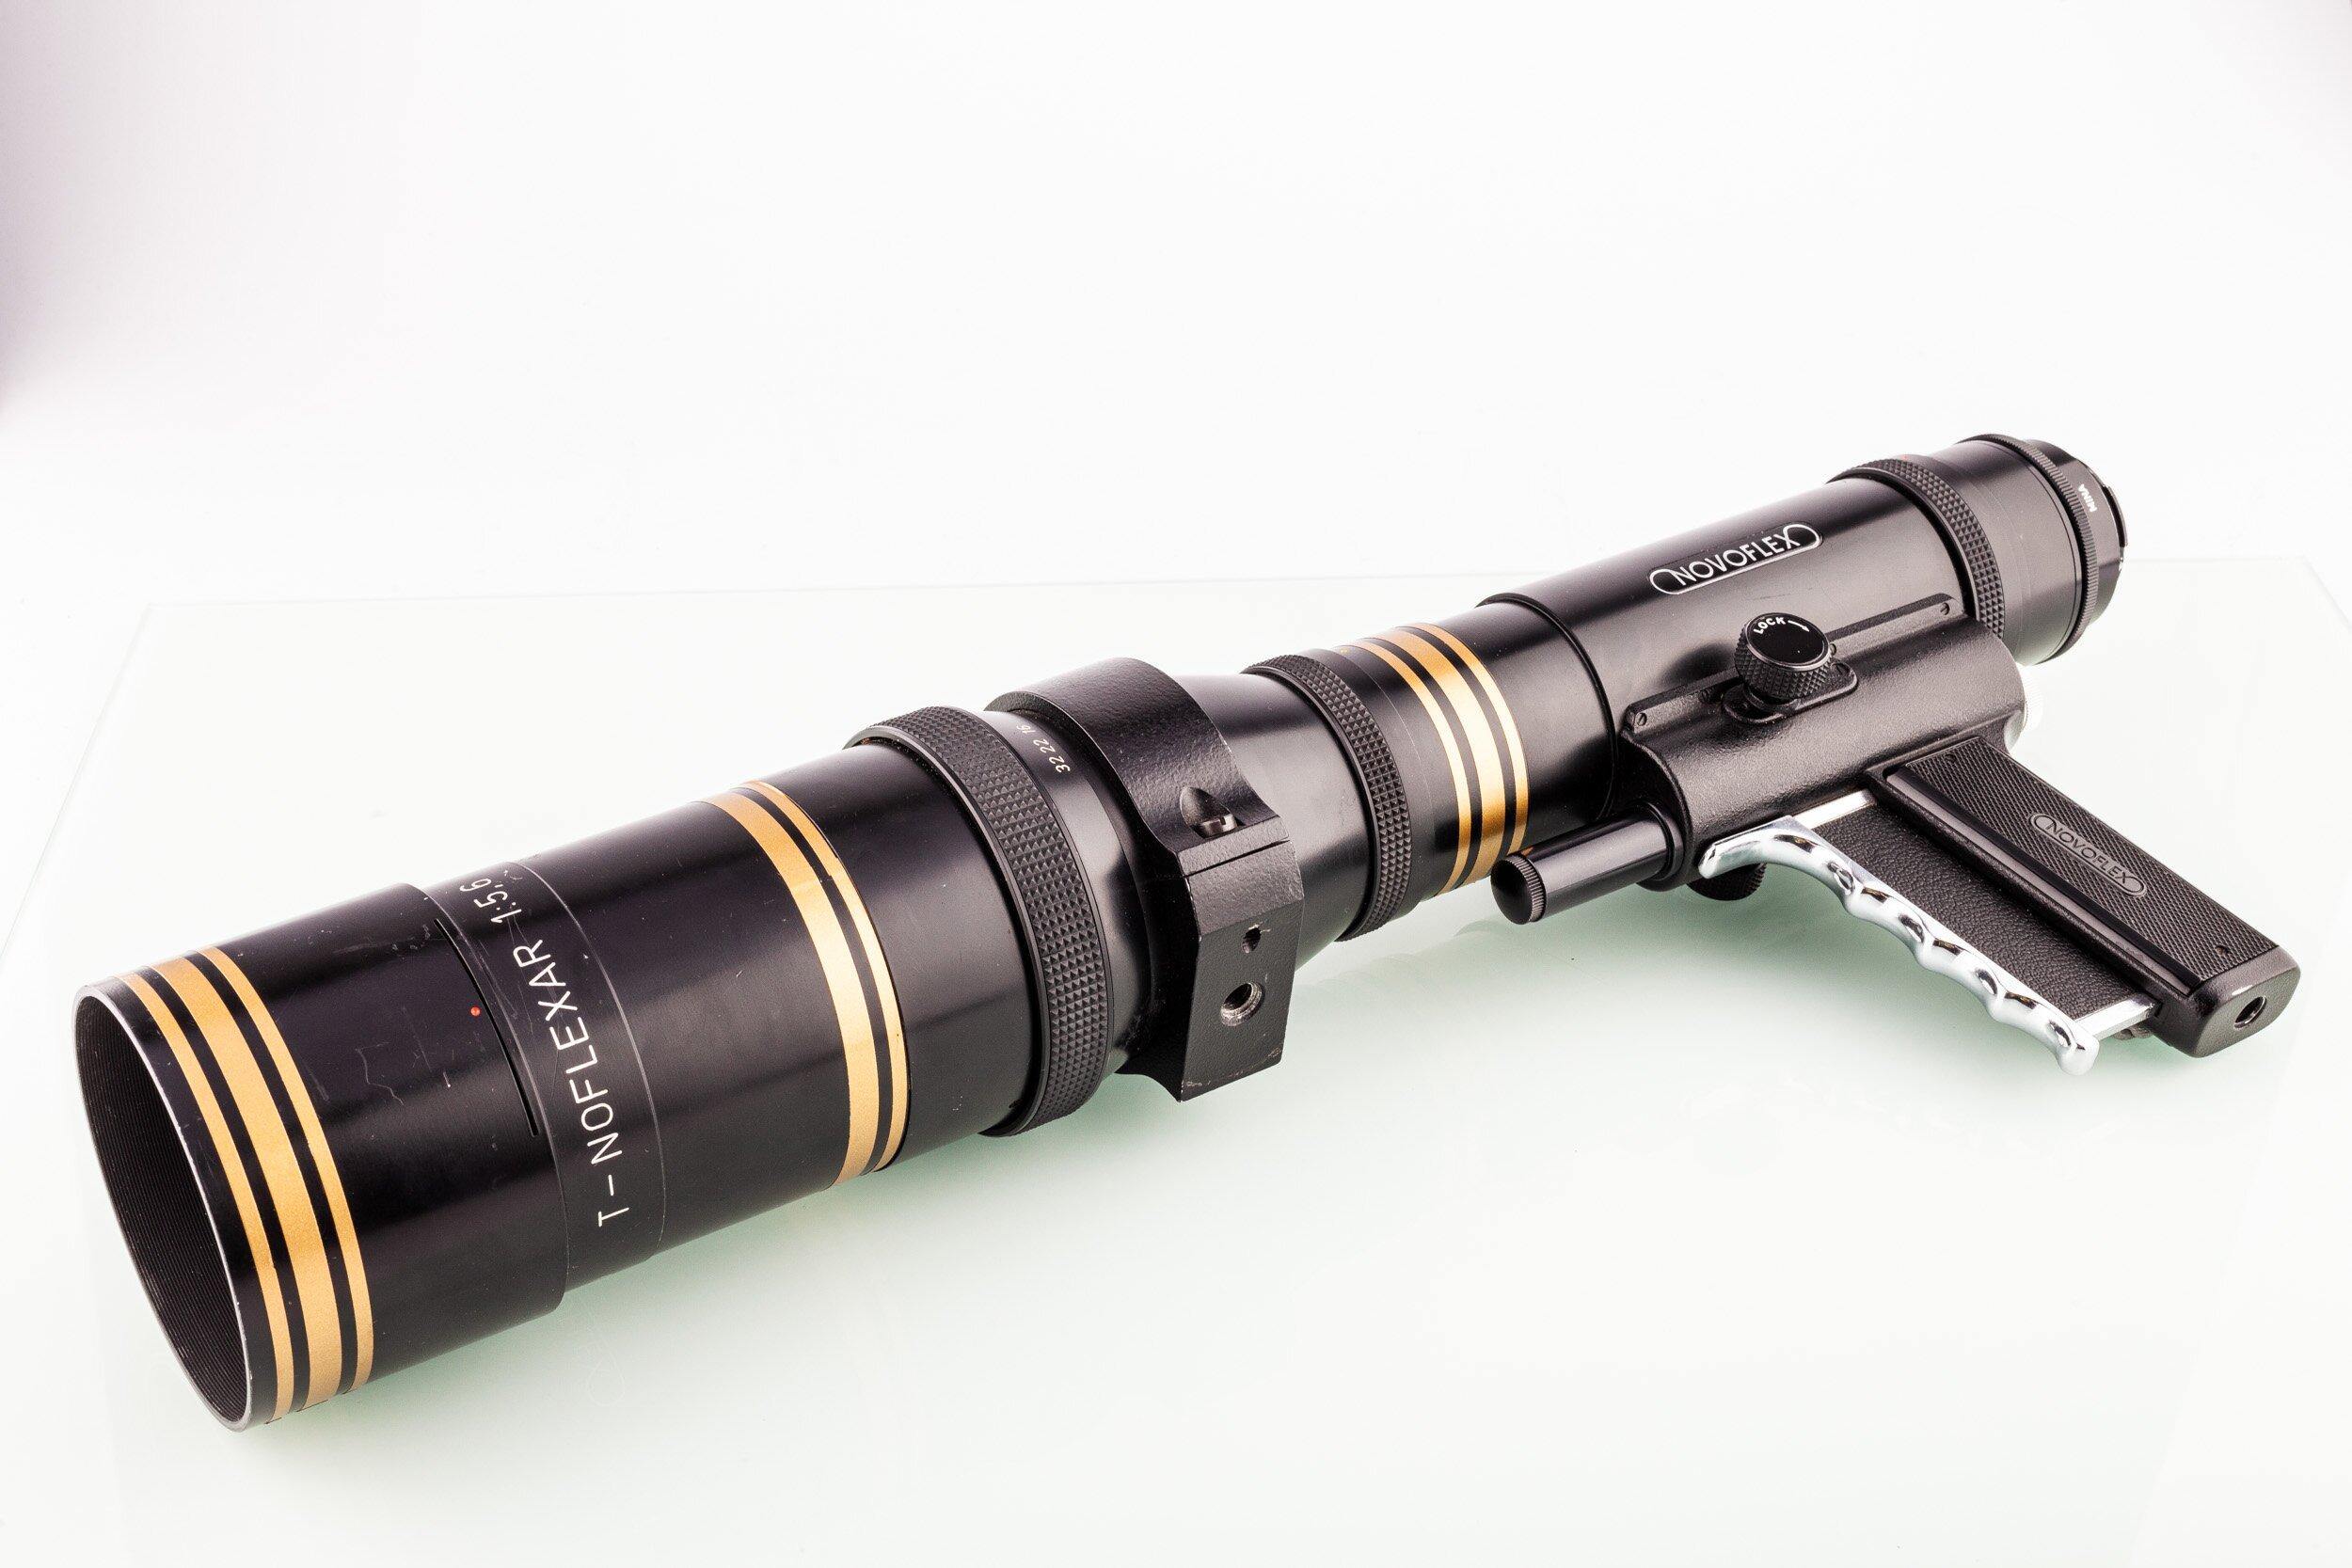 Novoflex Noflexar 5,6/400mm Schnellschuss